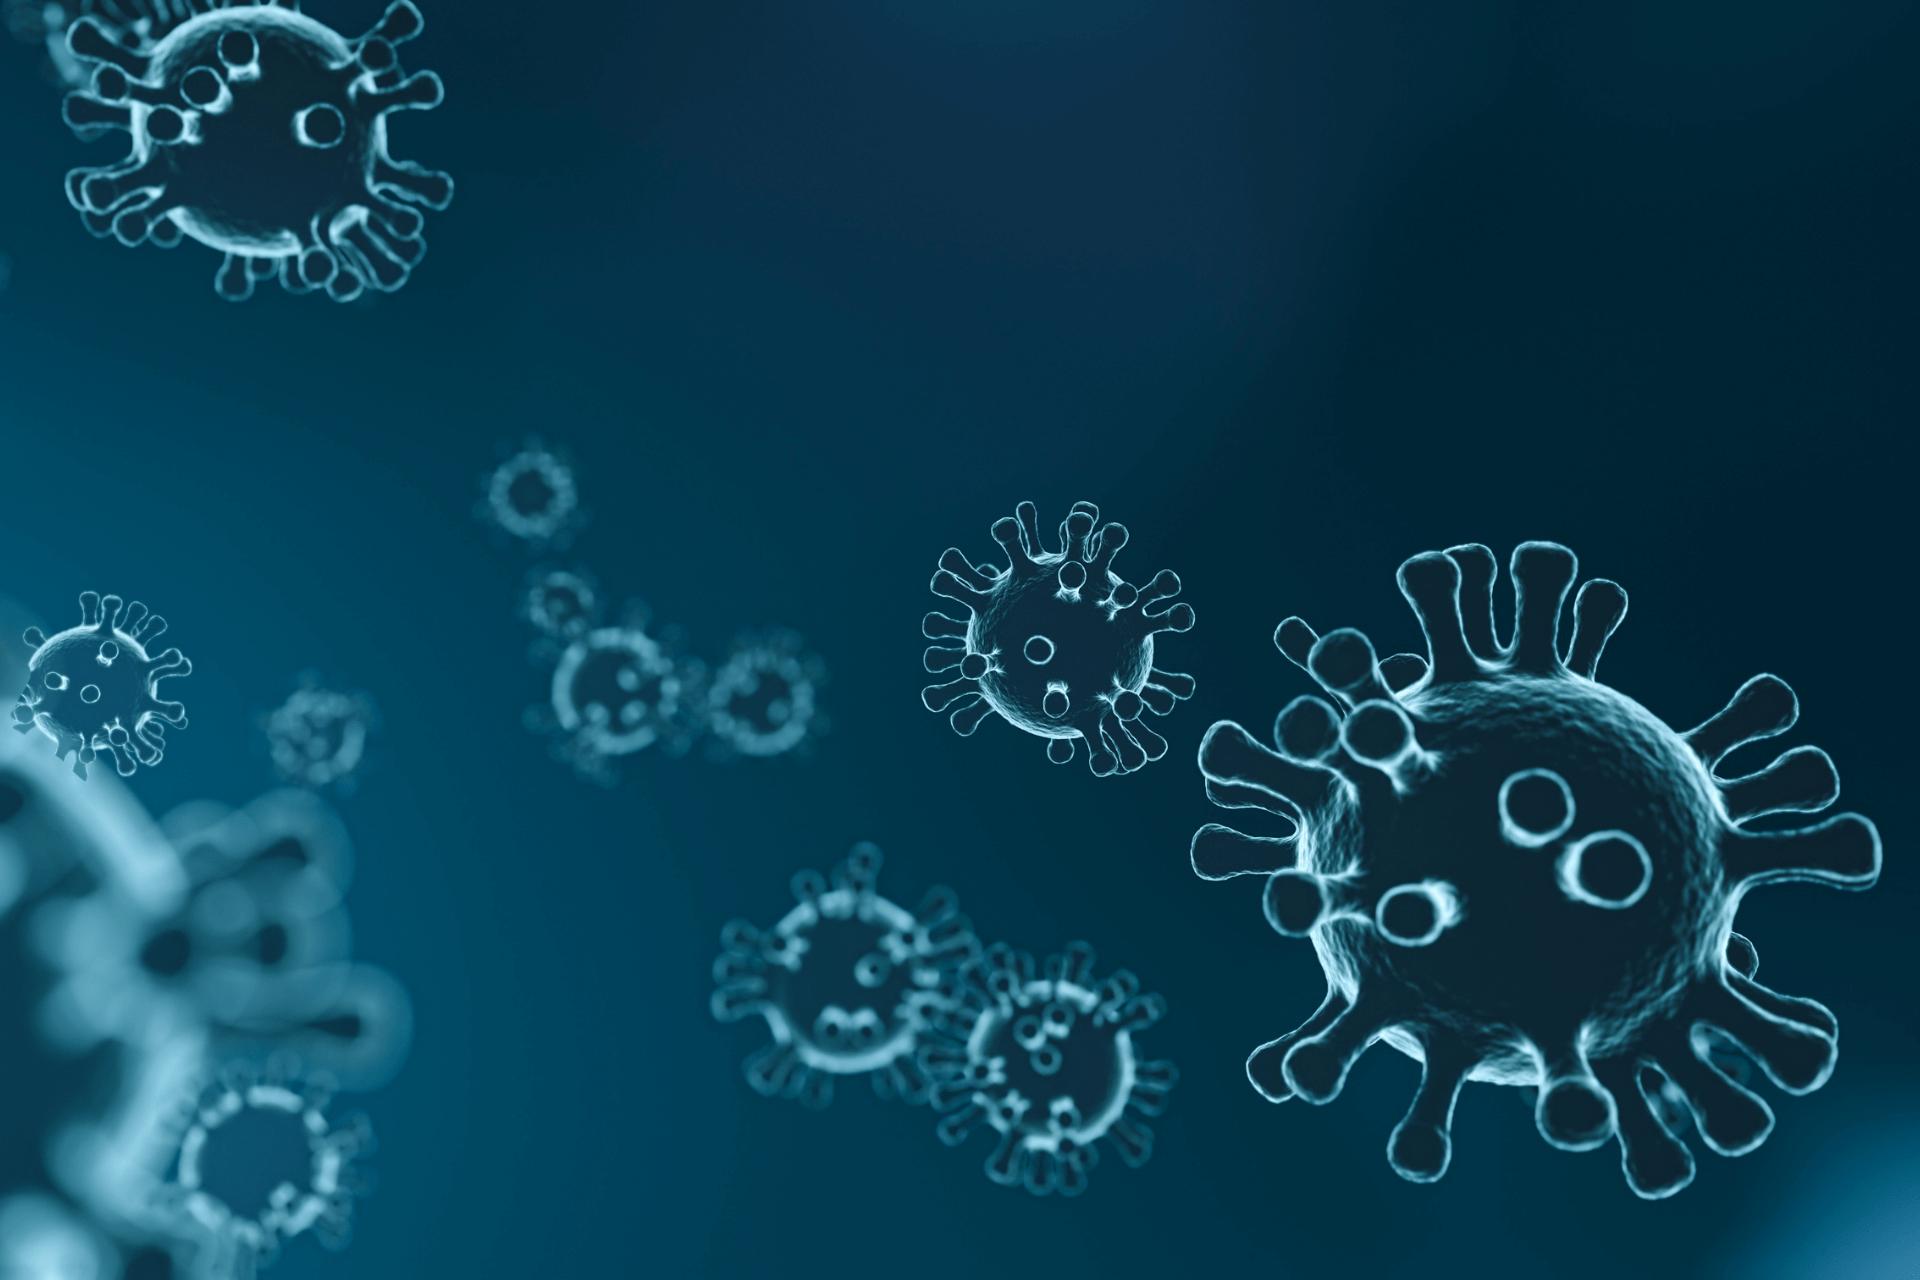 Coronavírus: Informação e proteção com o melhor tratamento